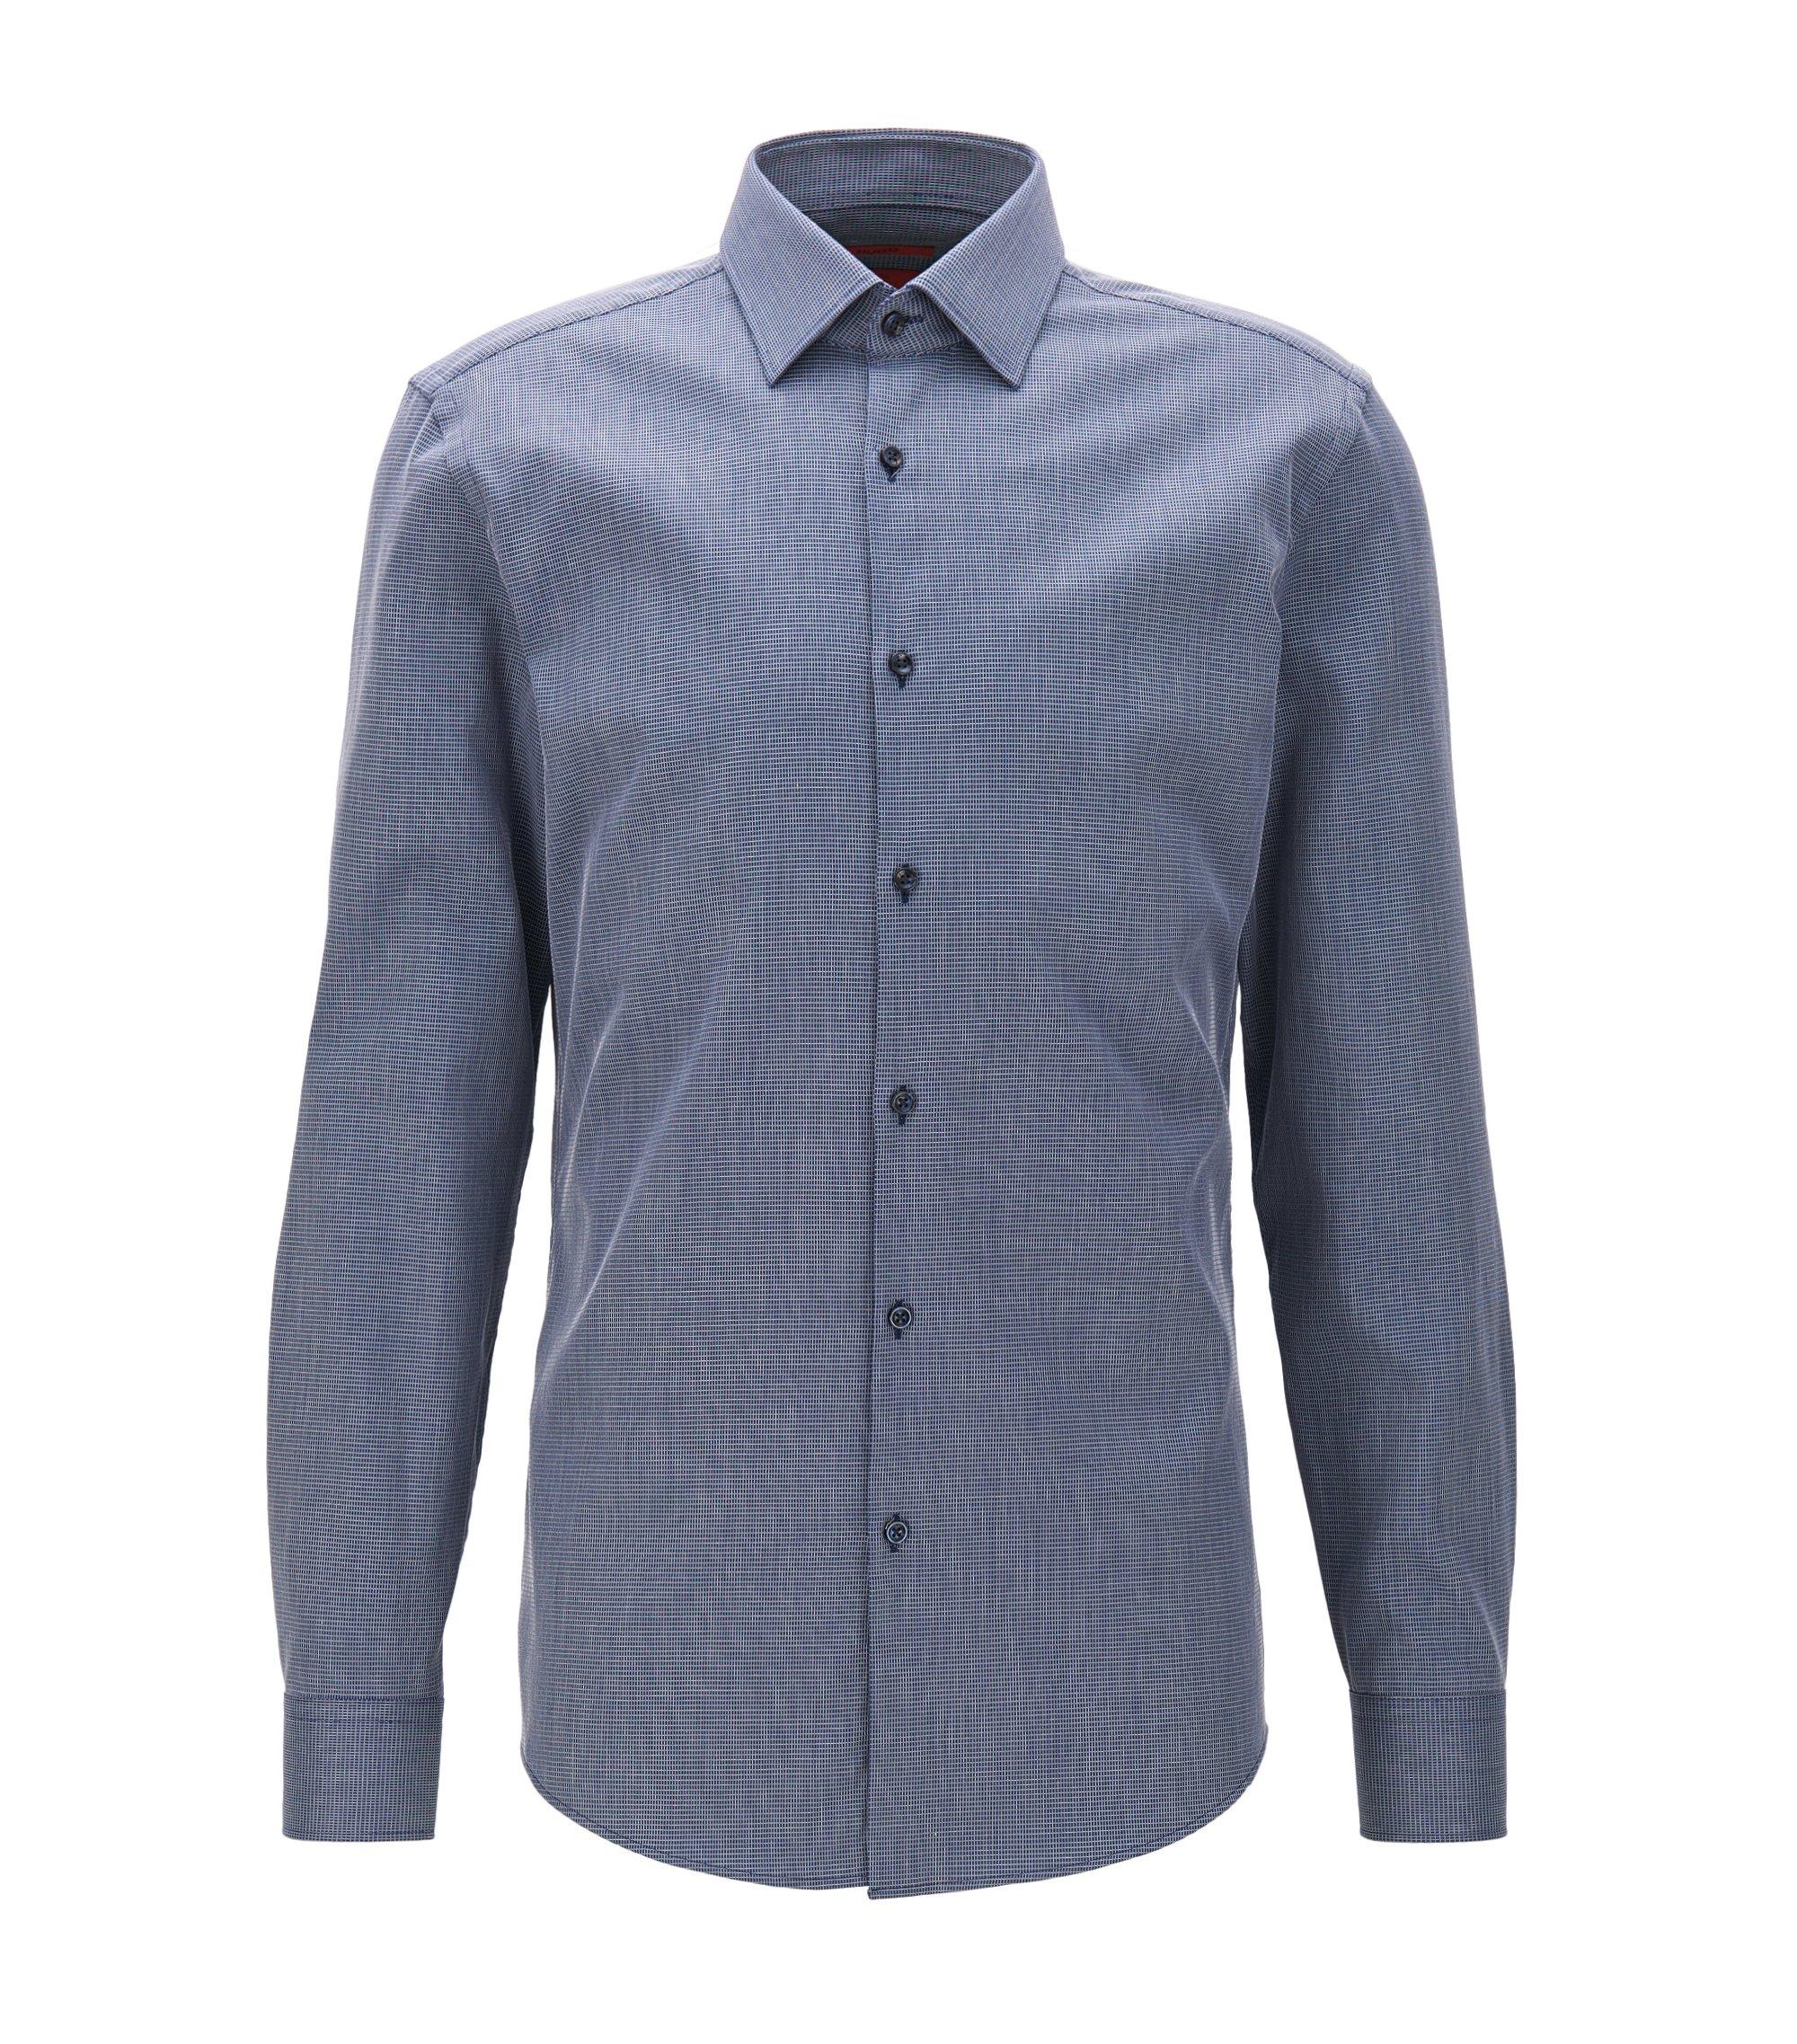 Camicia slim fit in cotone elasticizzato a quadretti, Blu scuro